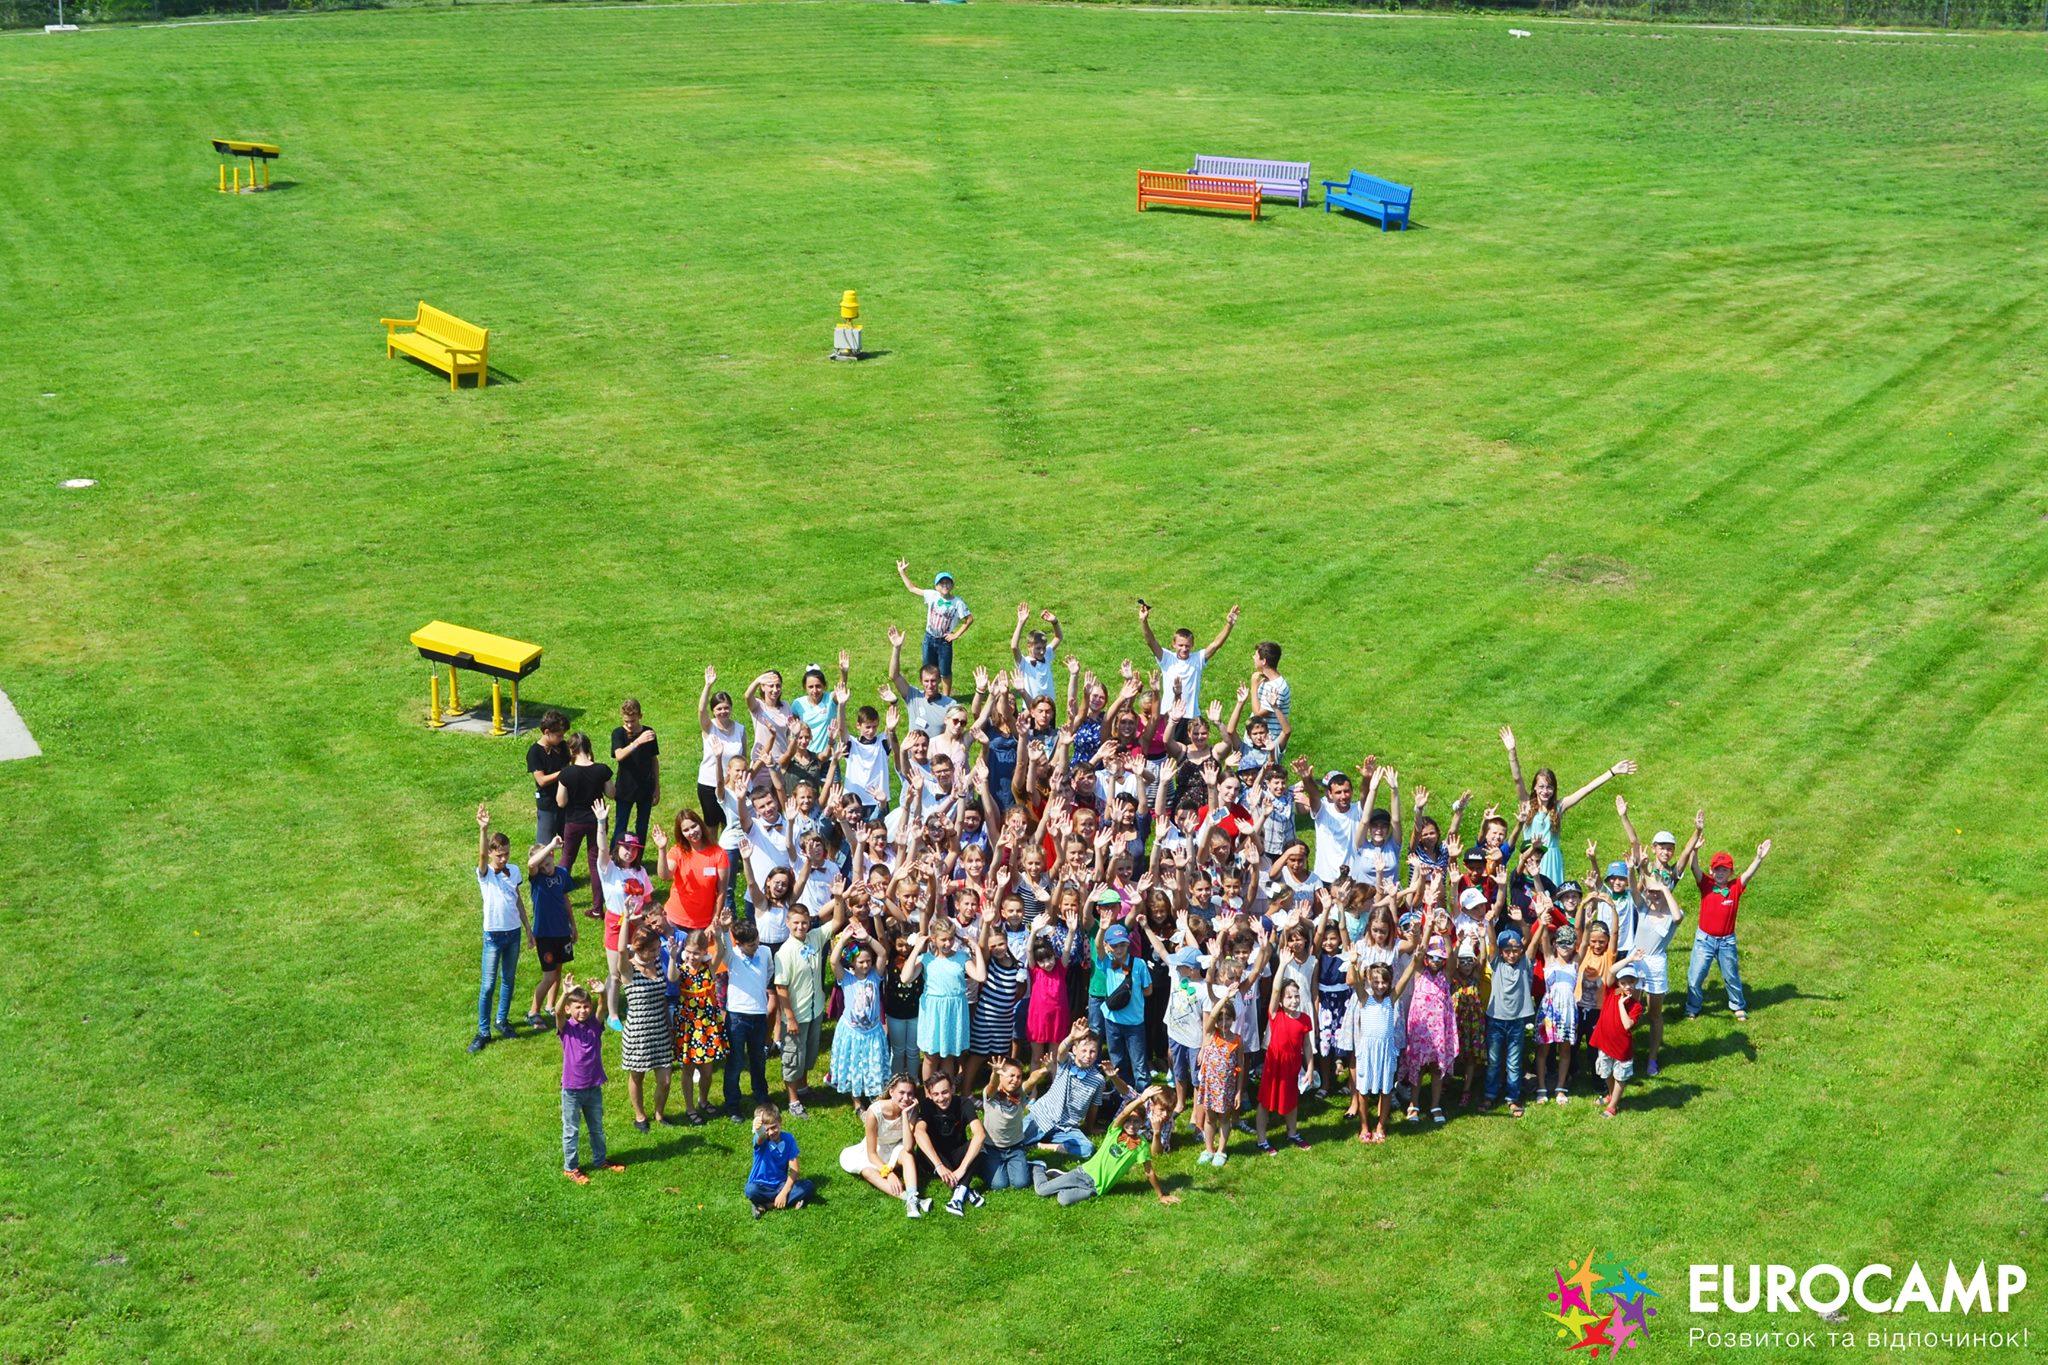 Дитячий табір Eurocamp